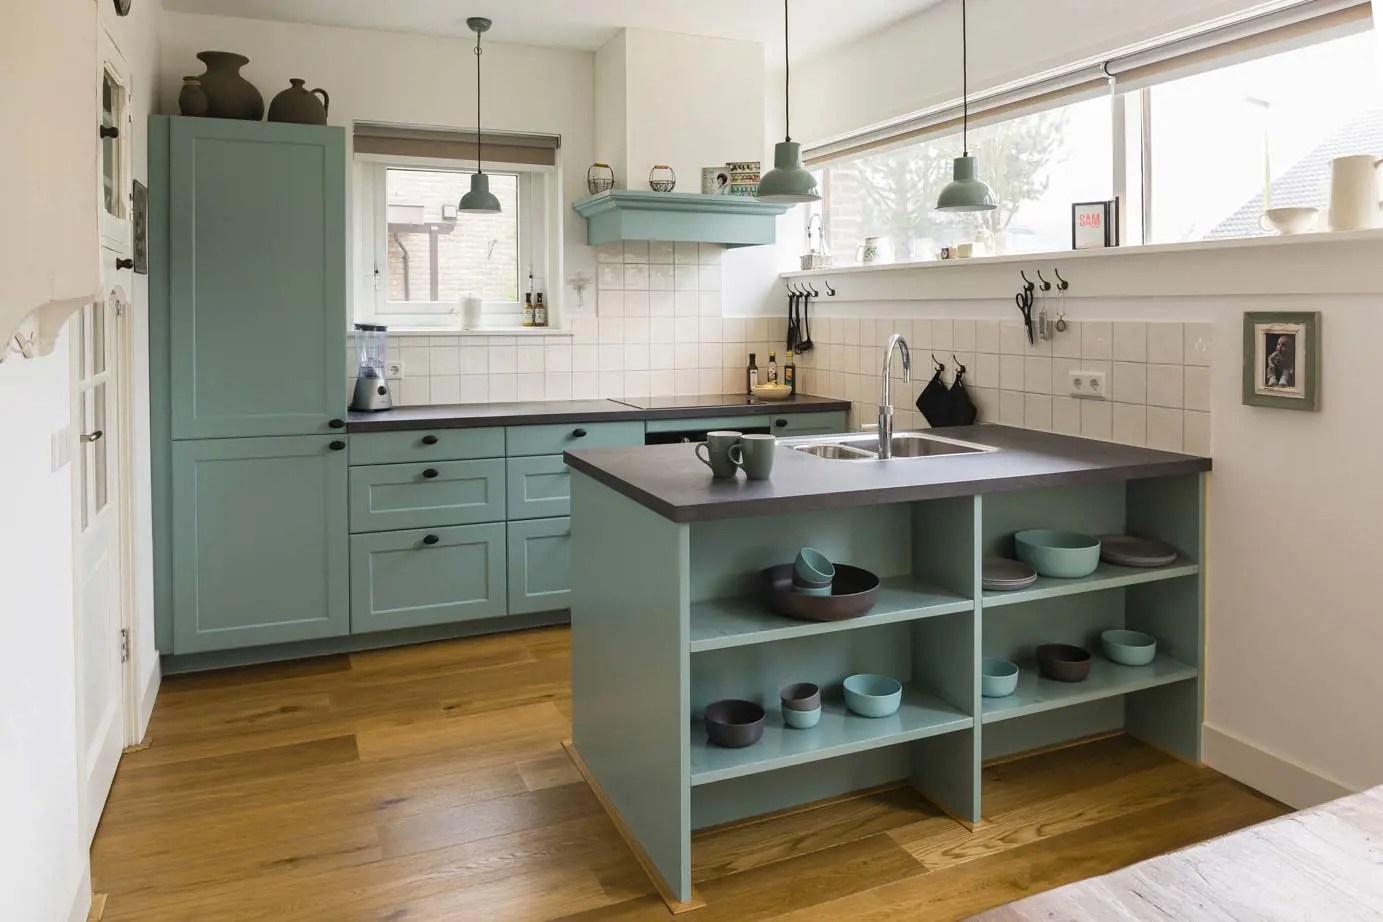 Keuken Schiereiland Landelijk : Kleine keuken schiereiland keuken bar kopen elegant kleine keuken